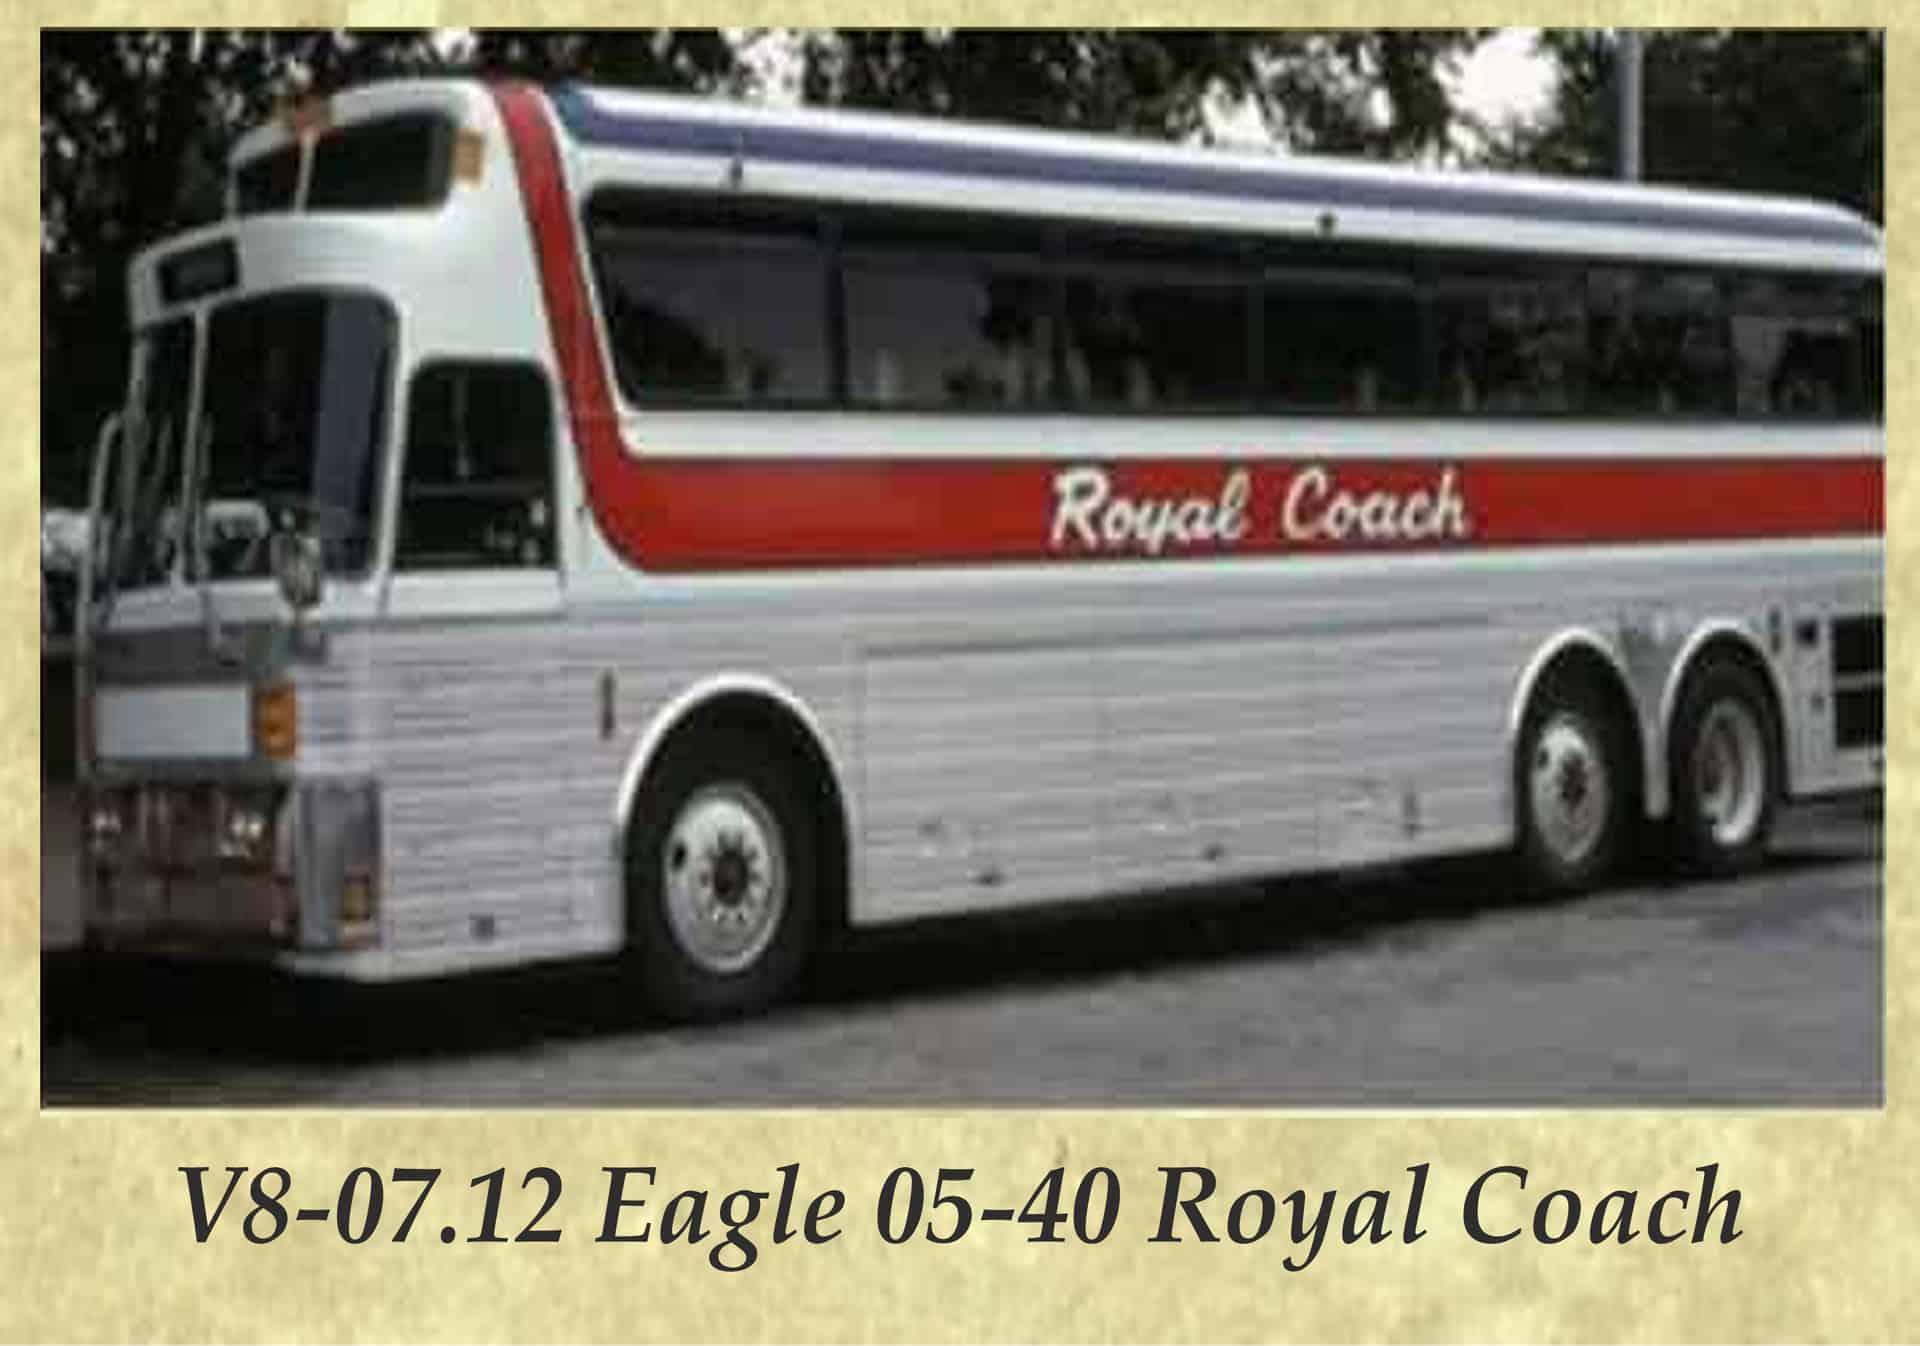 V8-07.12 Eagle 05-40 Royal Coach